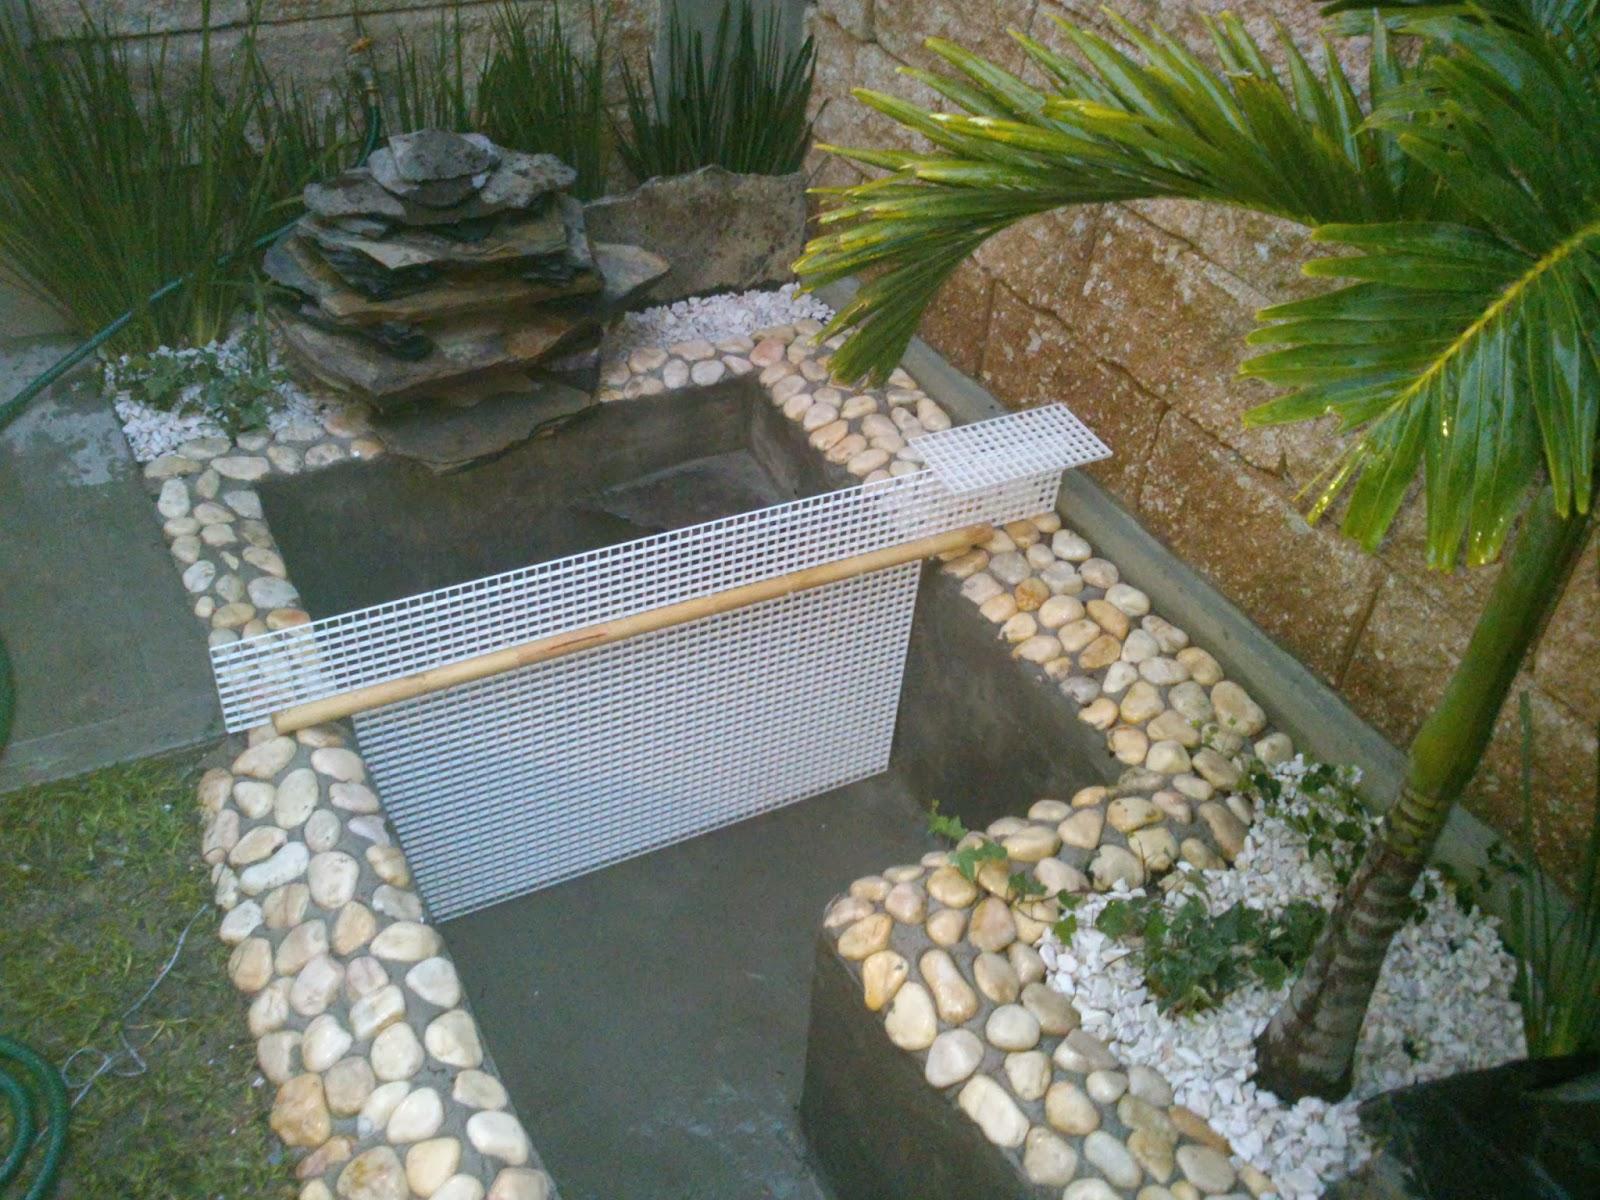 El estanque de mis tortugas tortugas territoriales - Estanques para tortugas de agua ...